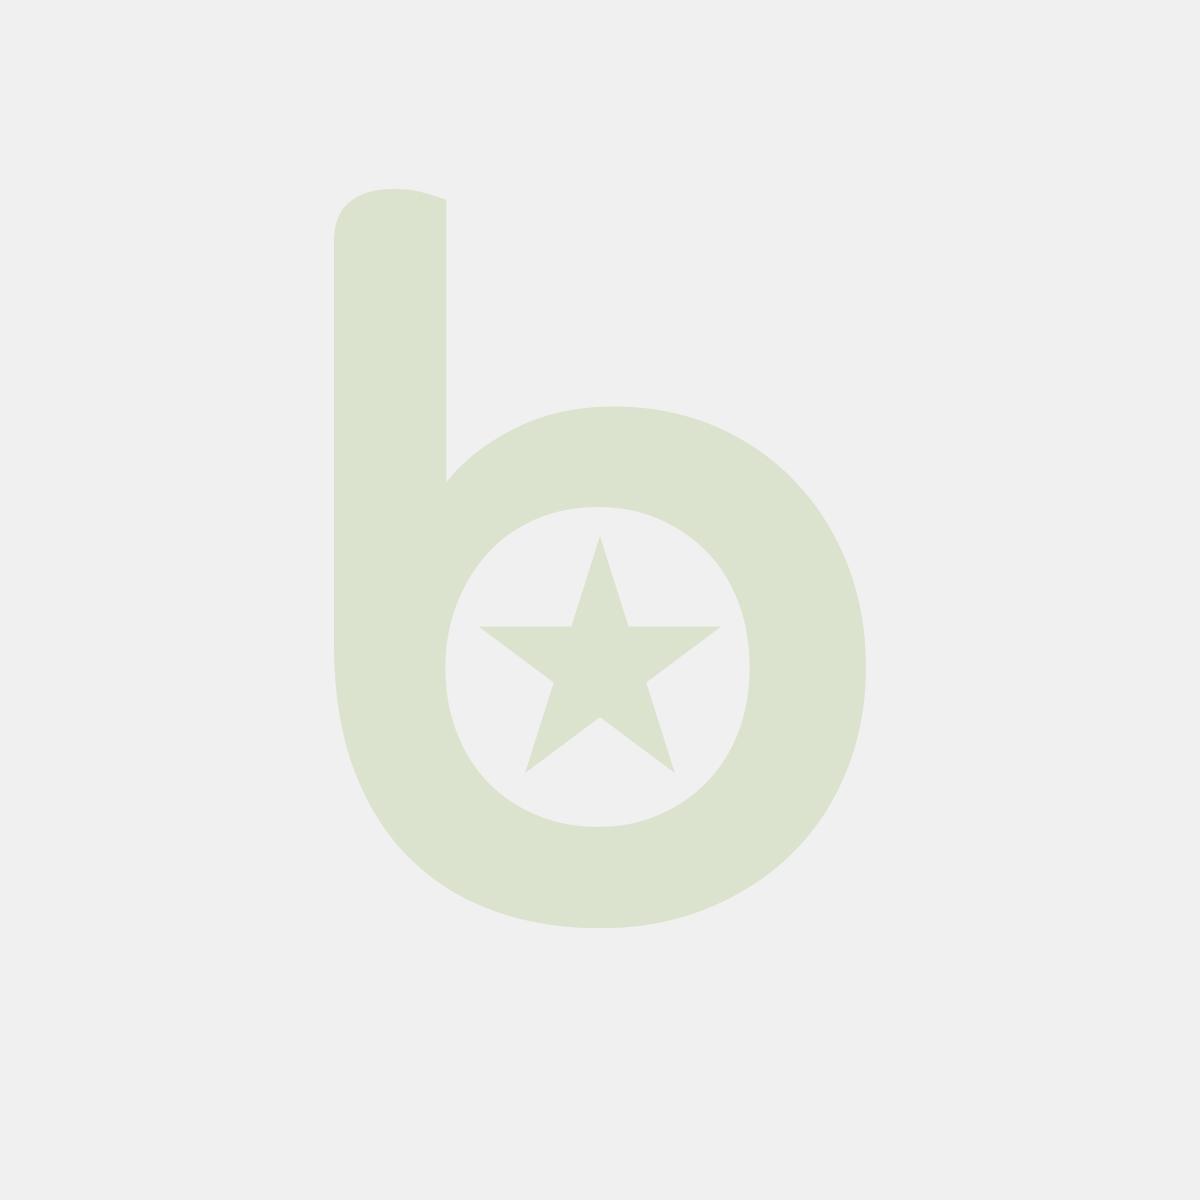 Miseczka FINGERFOOD biała, dł/szer/wys: 5,5/5,5/5,6 cm PS, 25 szt. w opakowaniu